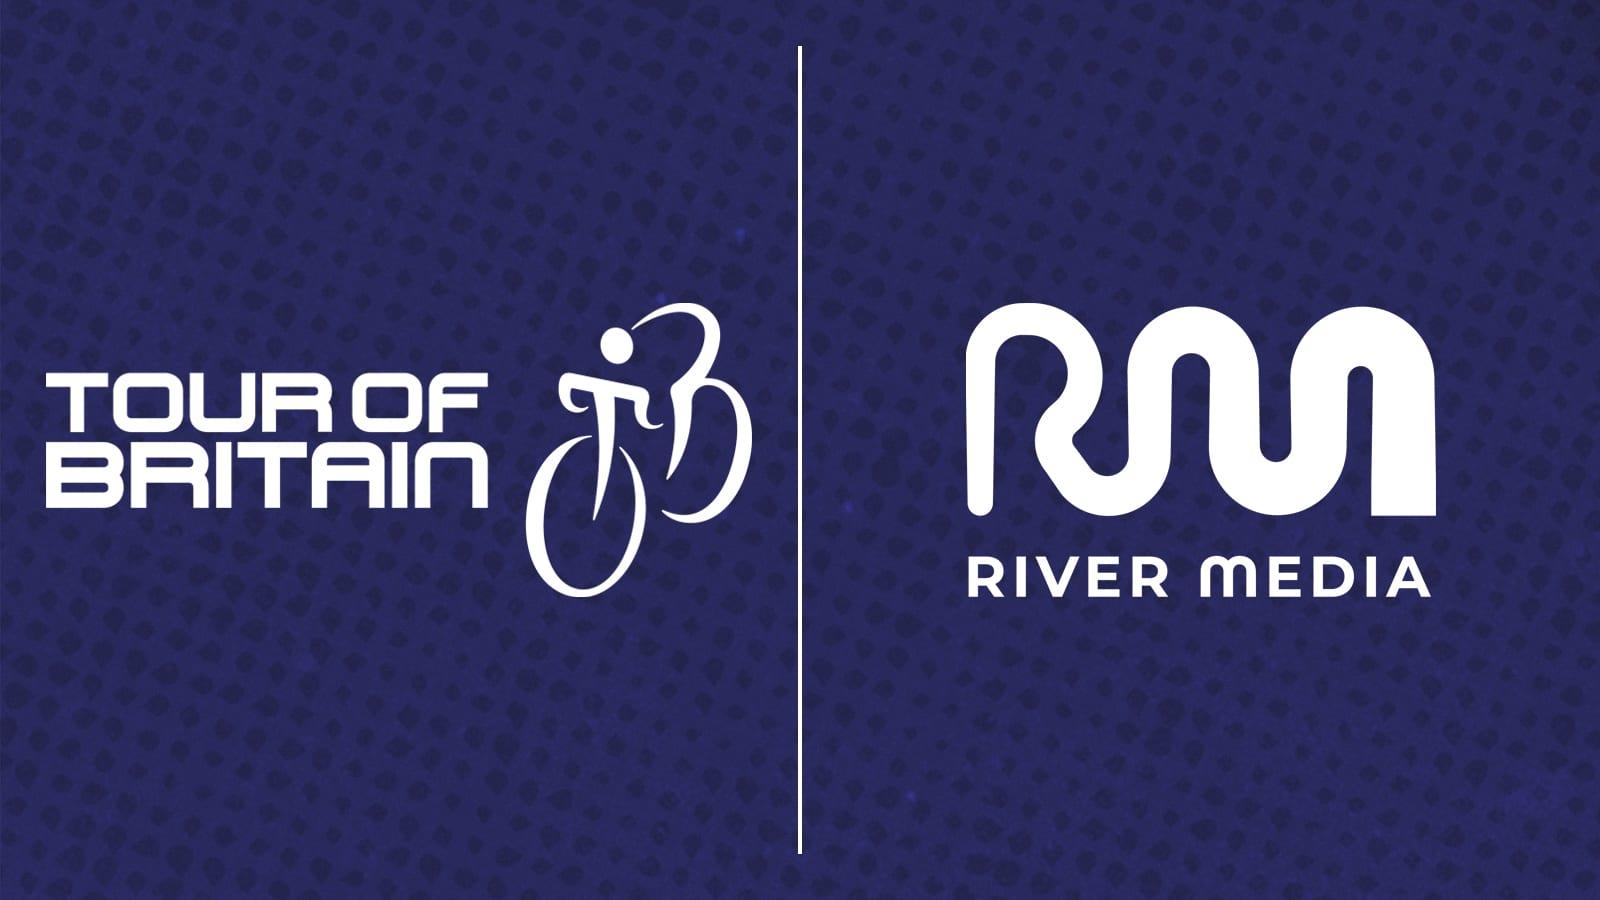 Tour of Britain River Media